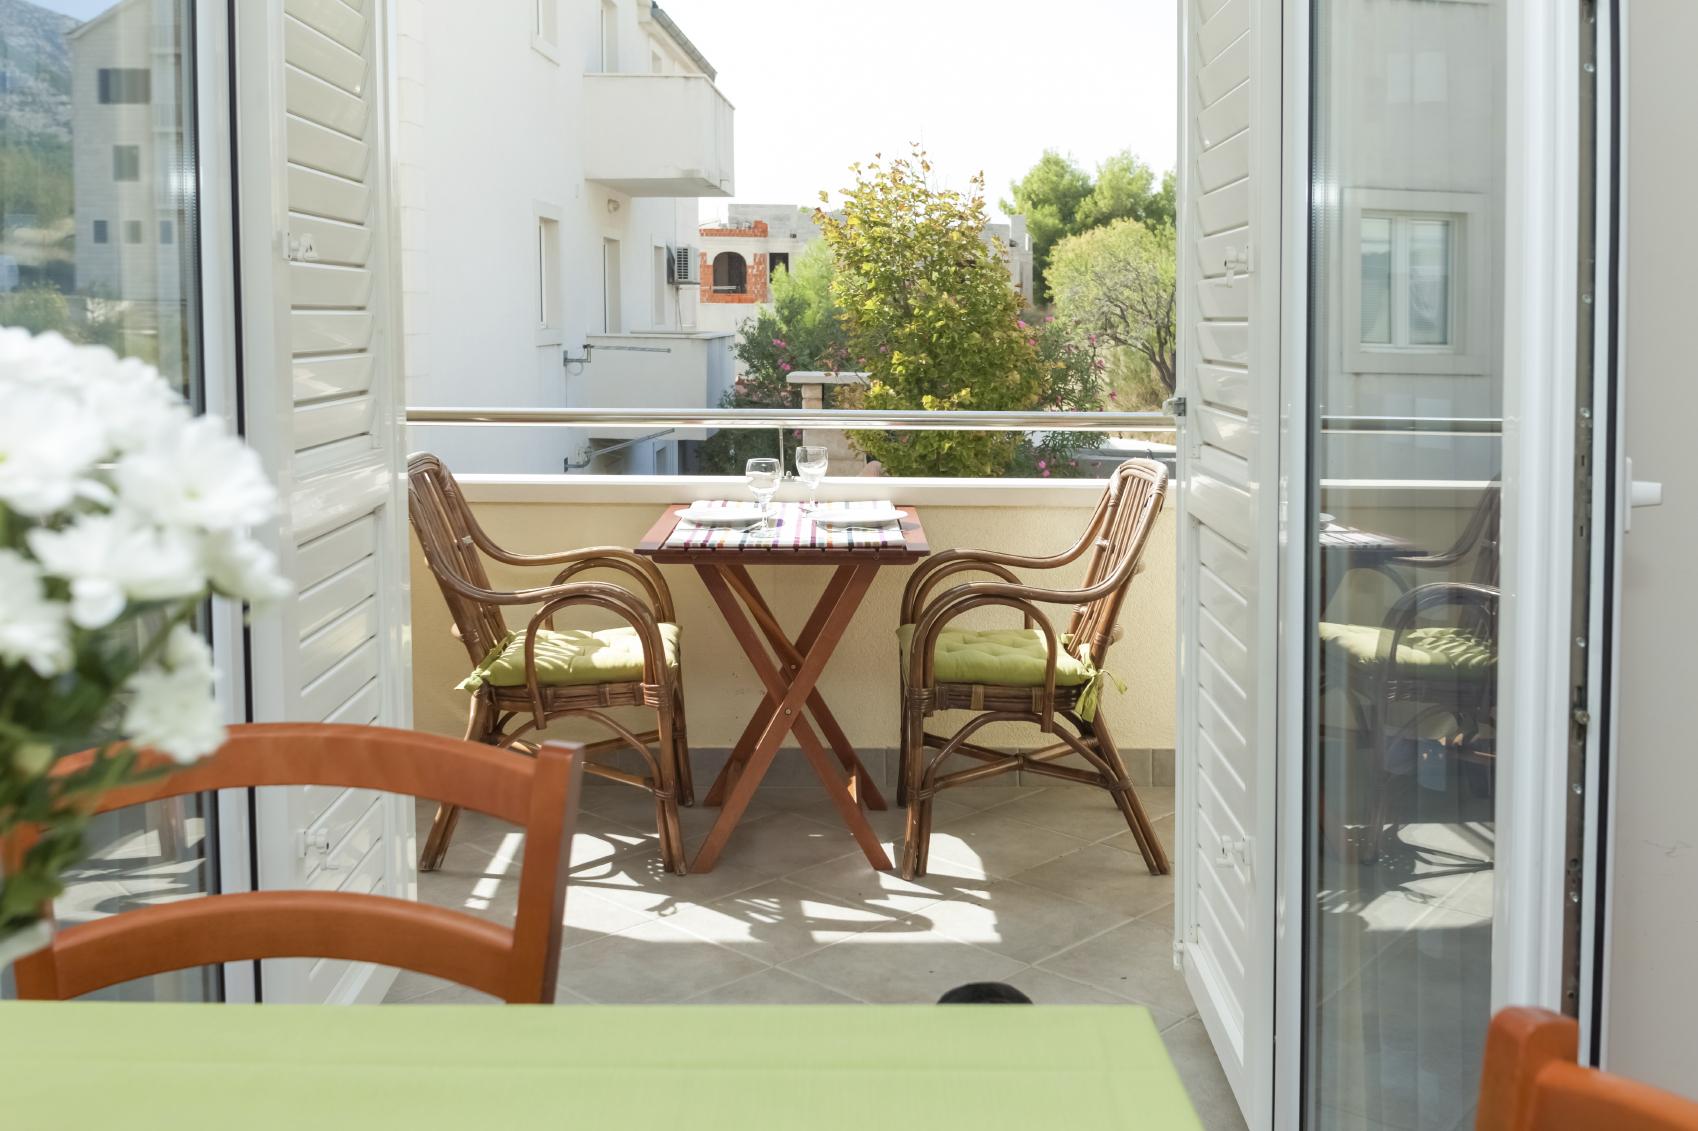 Обустройство балкона: интересные идеи (29 фото)